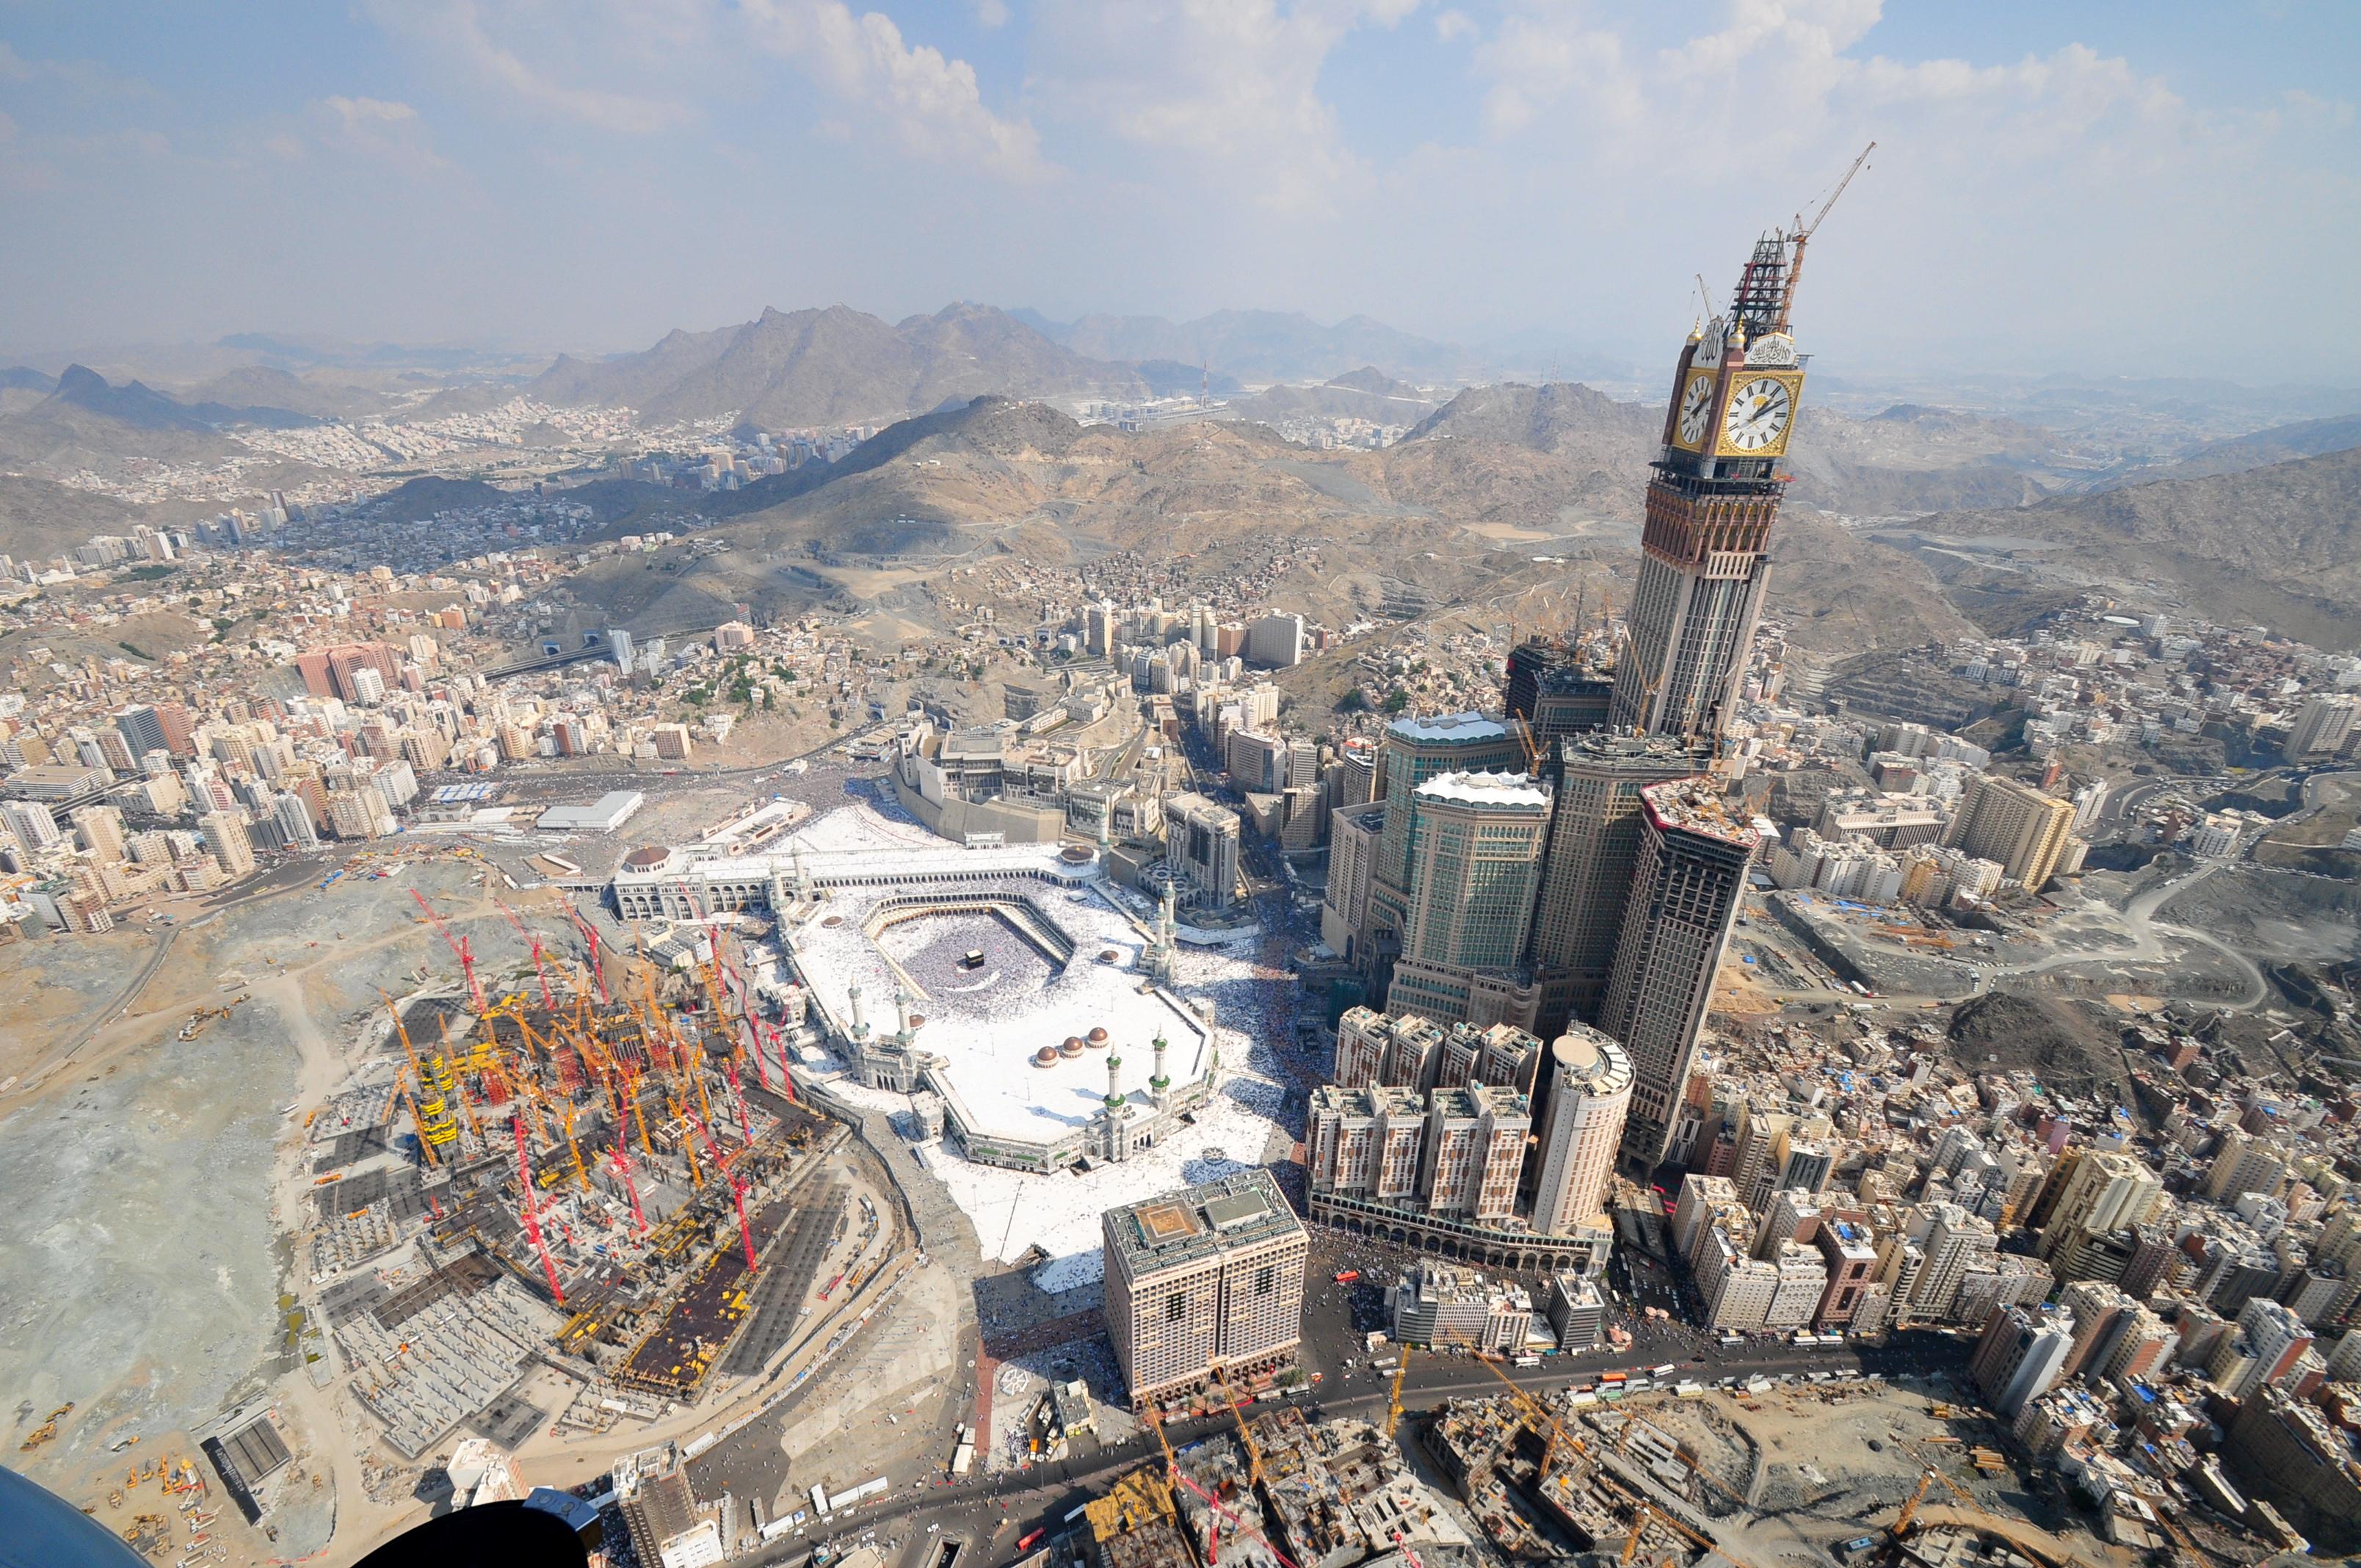 Aerial_View_of_Abraj_Al_Bait_Under_Construction